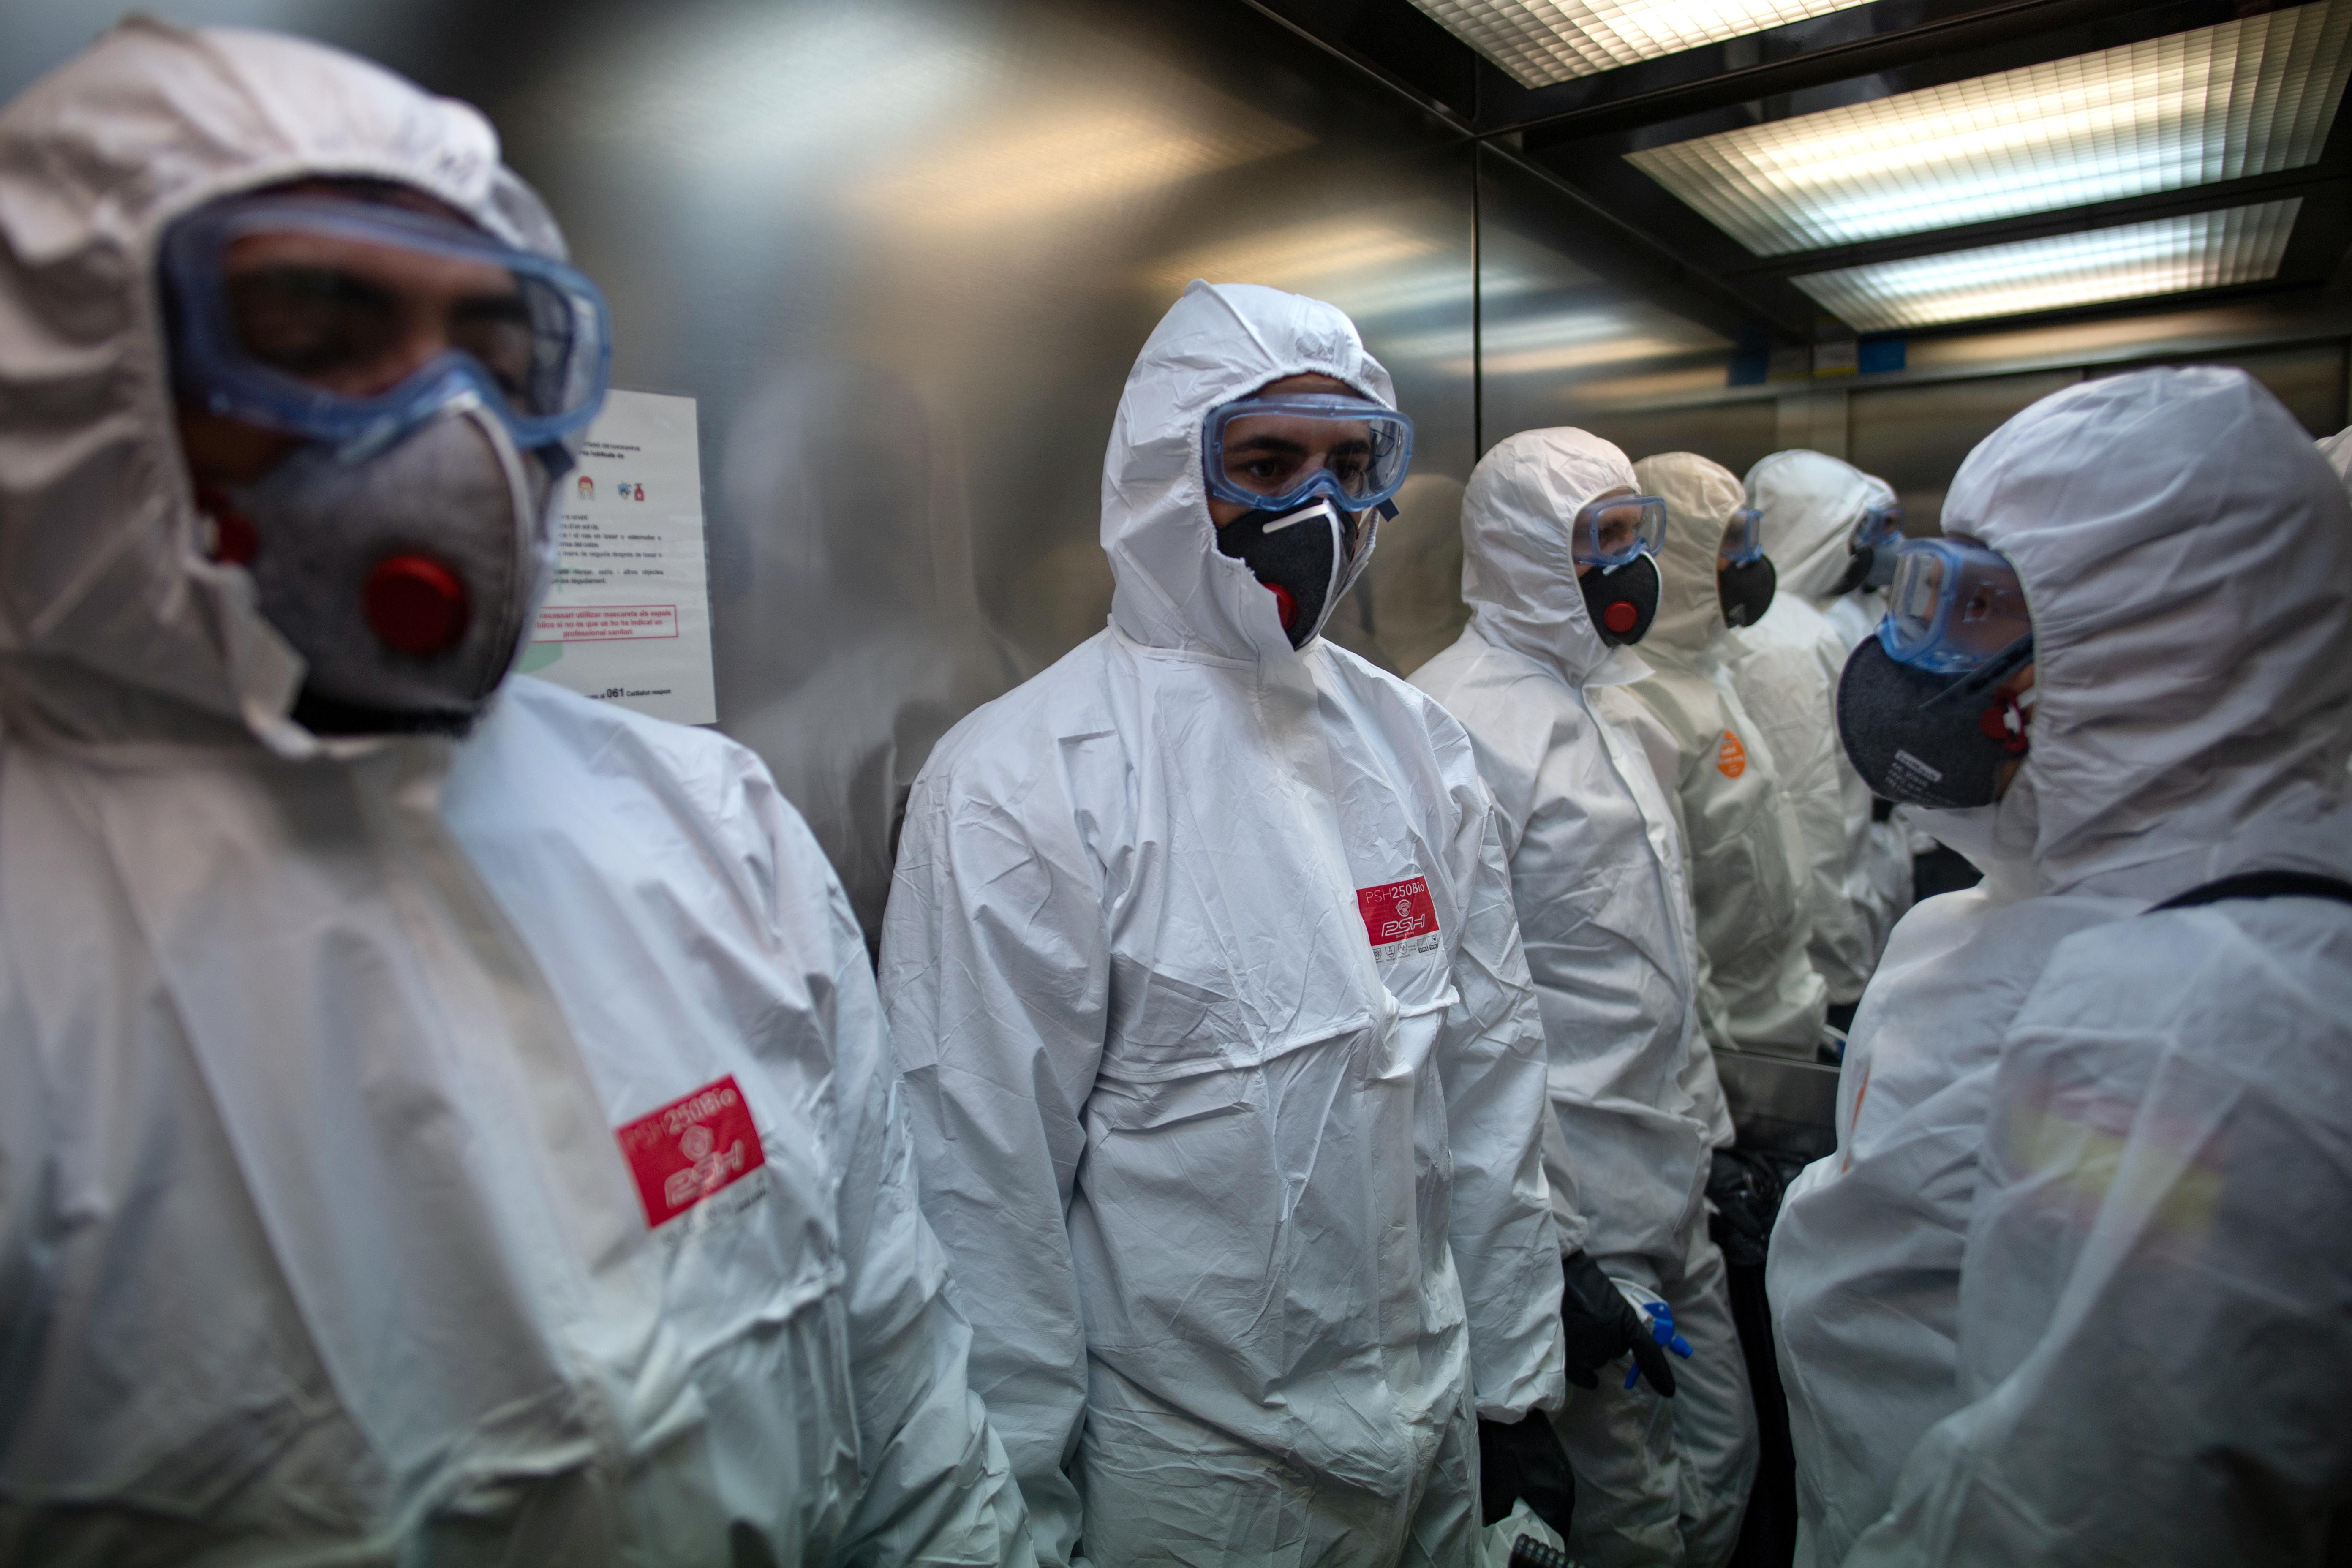 Az új számítási módszer 42 százalékkal emelte a koronavírusos halottak számát Spanyolországban